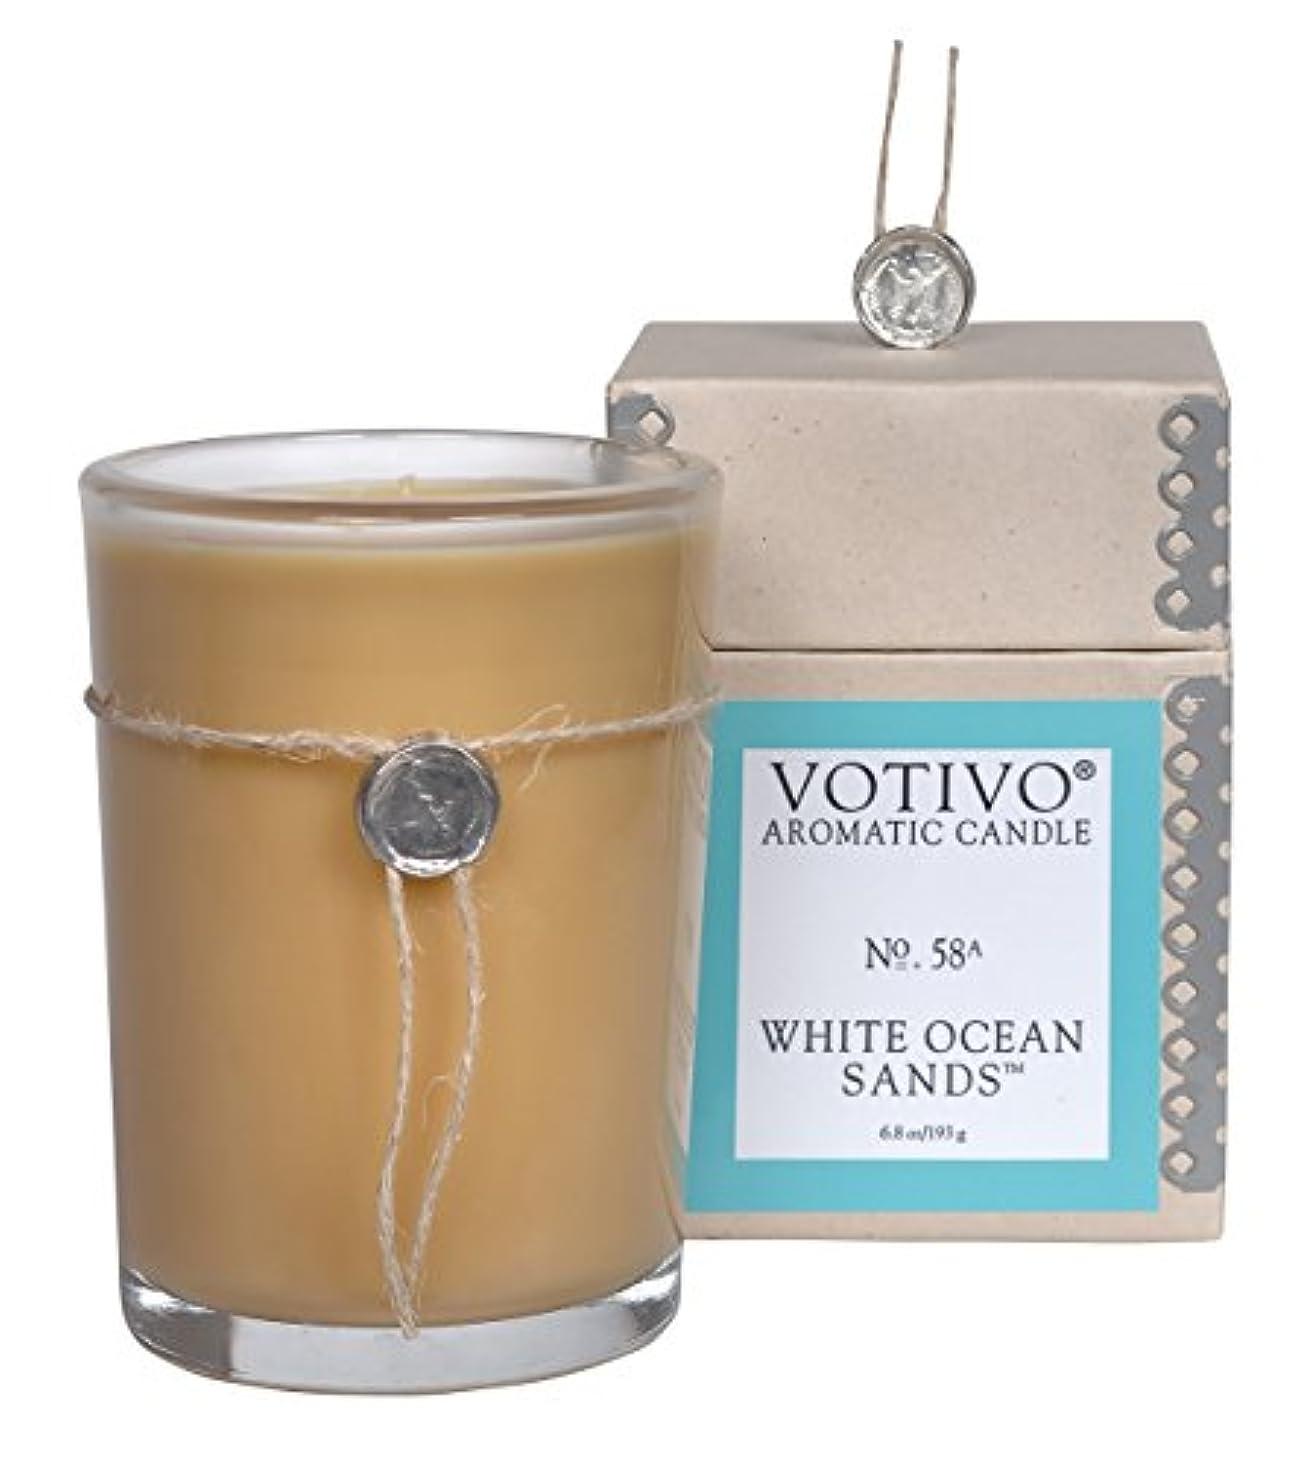 王室古風な酸化物VOTIVO アロマティック グラスキャンドル ホワイトオーシャンサ